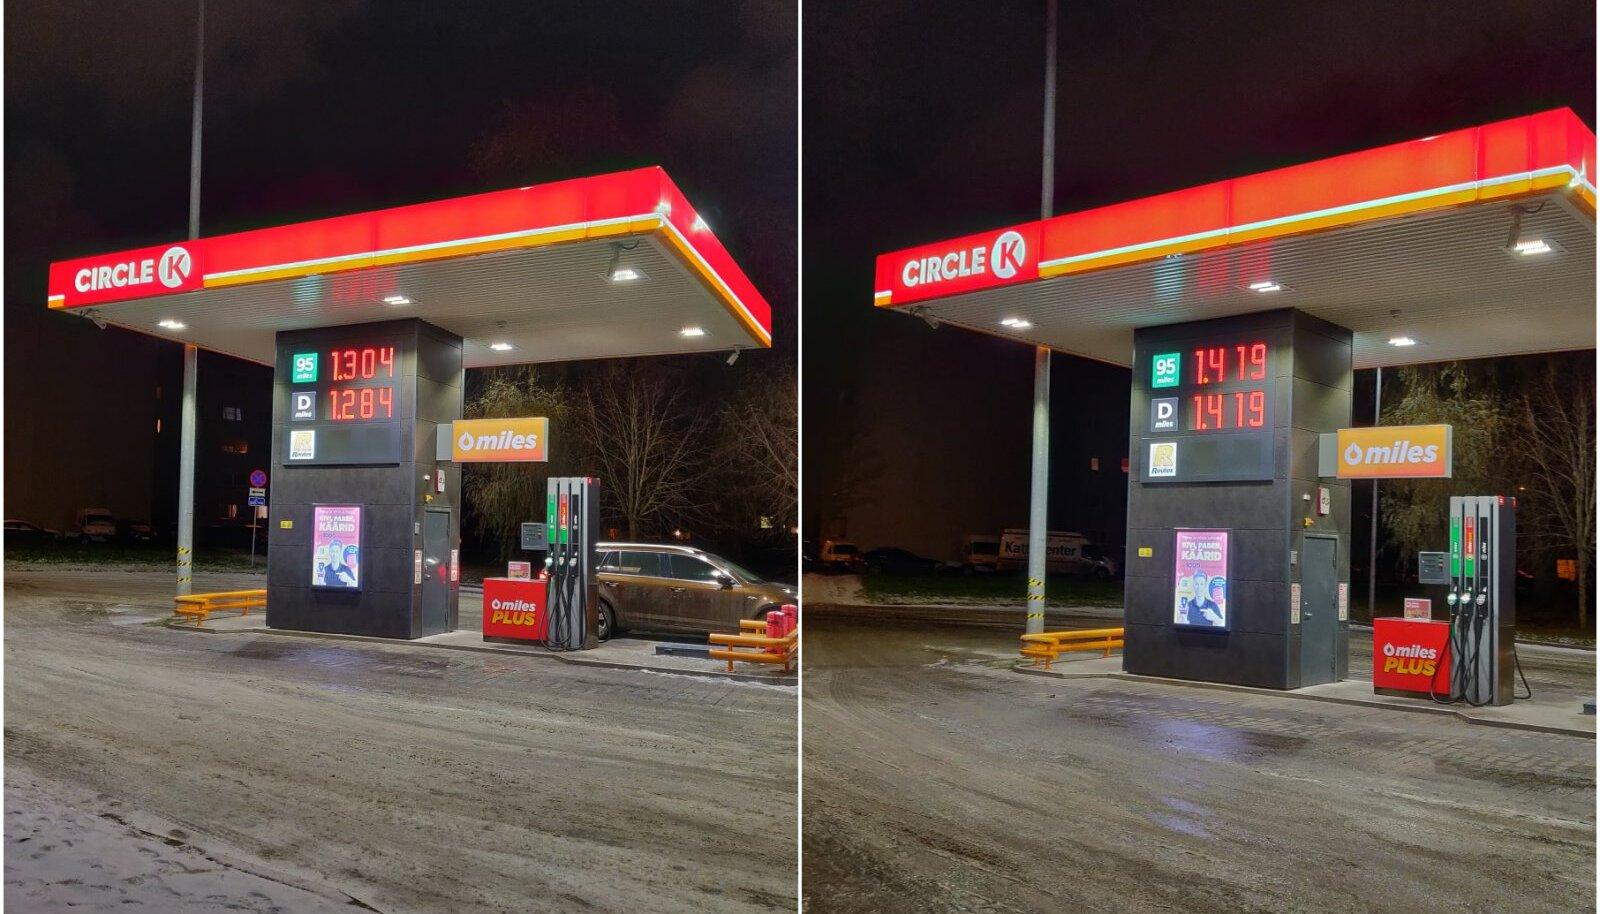 Kütuse hinnad Tallinnas Tööstuse tänaval 2. ja 3. detsembril